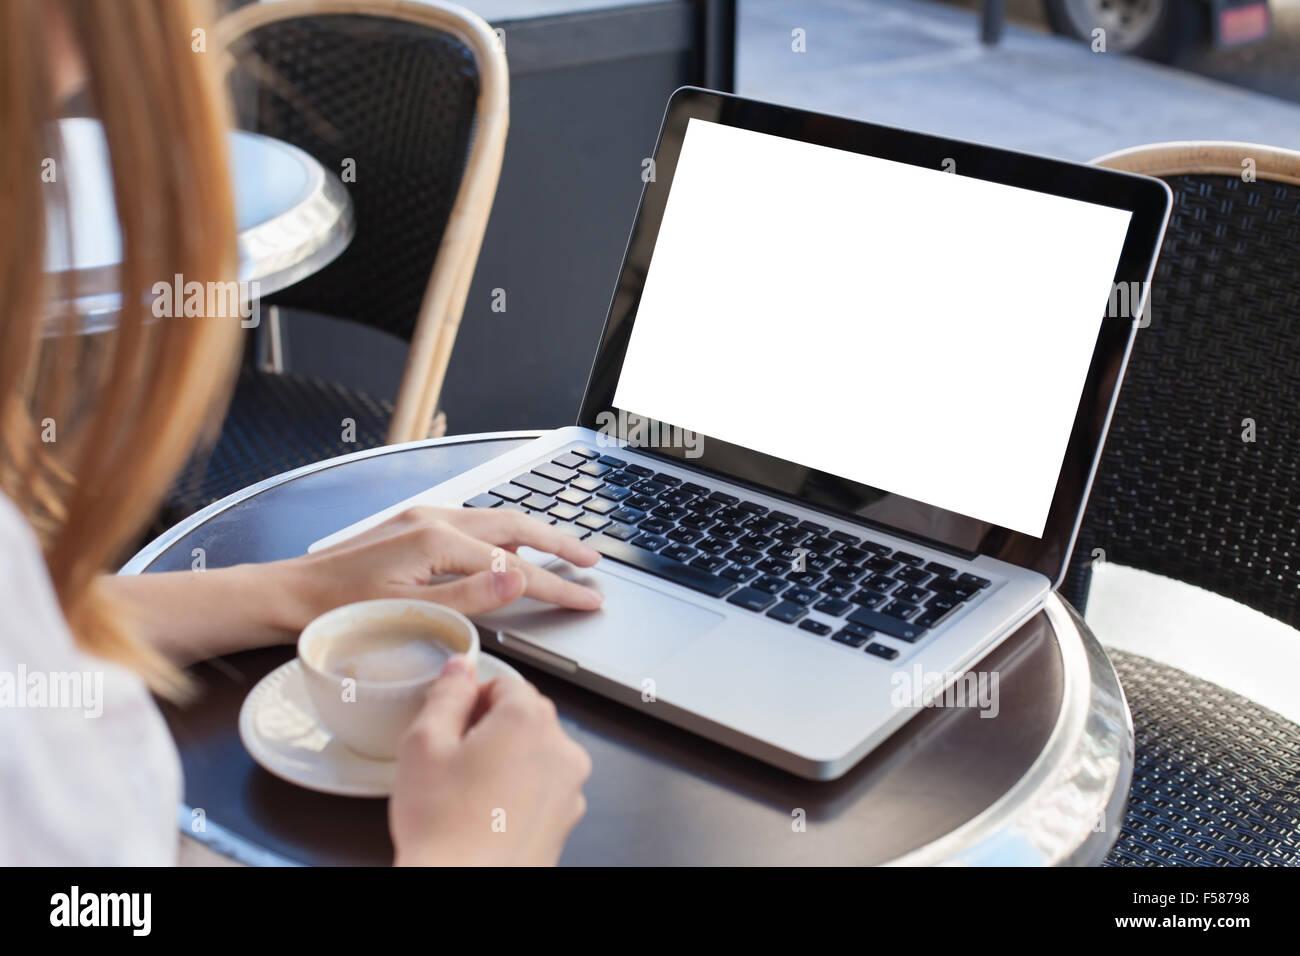 Femme à l'aide d'un ordinateur portable avec écran vide in cafe Banque D'Images